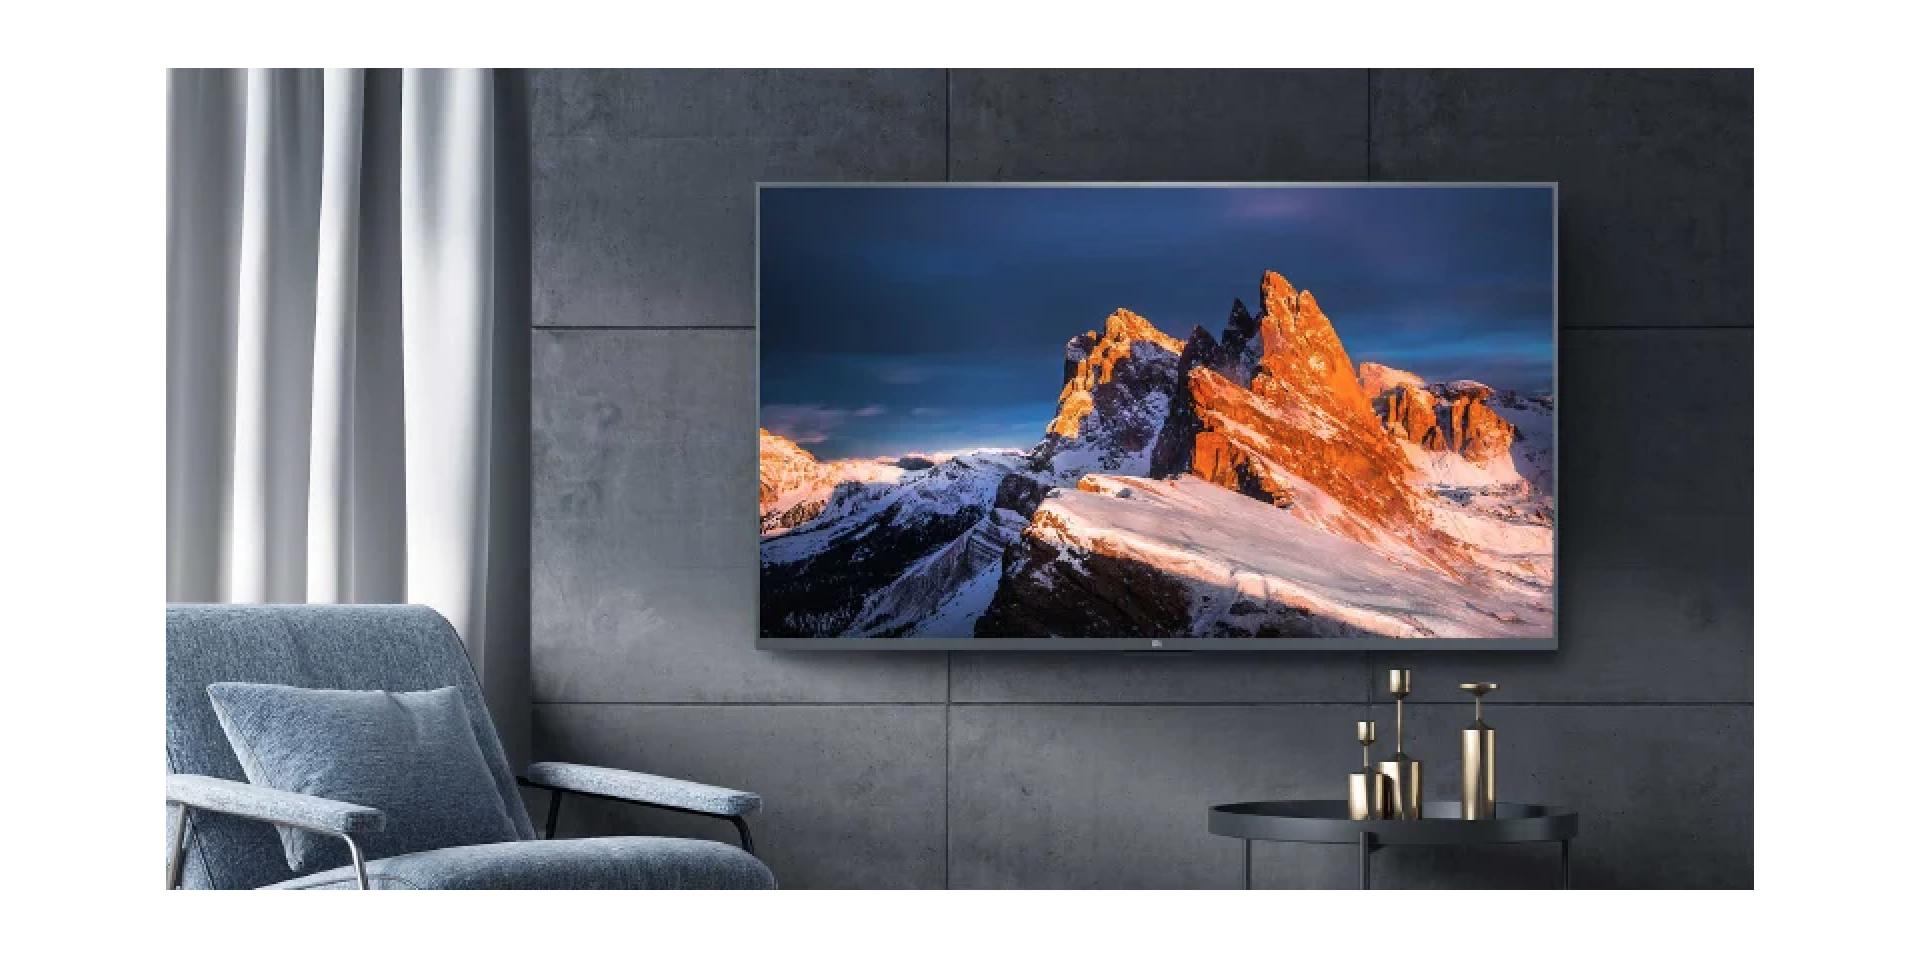 小米電視4S有望攻台,智慧電視、4K畫質、65吋、HDR!